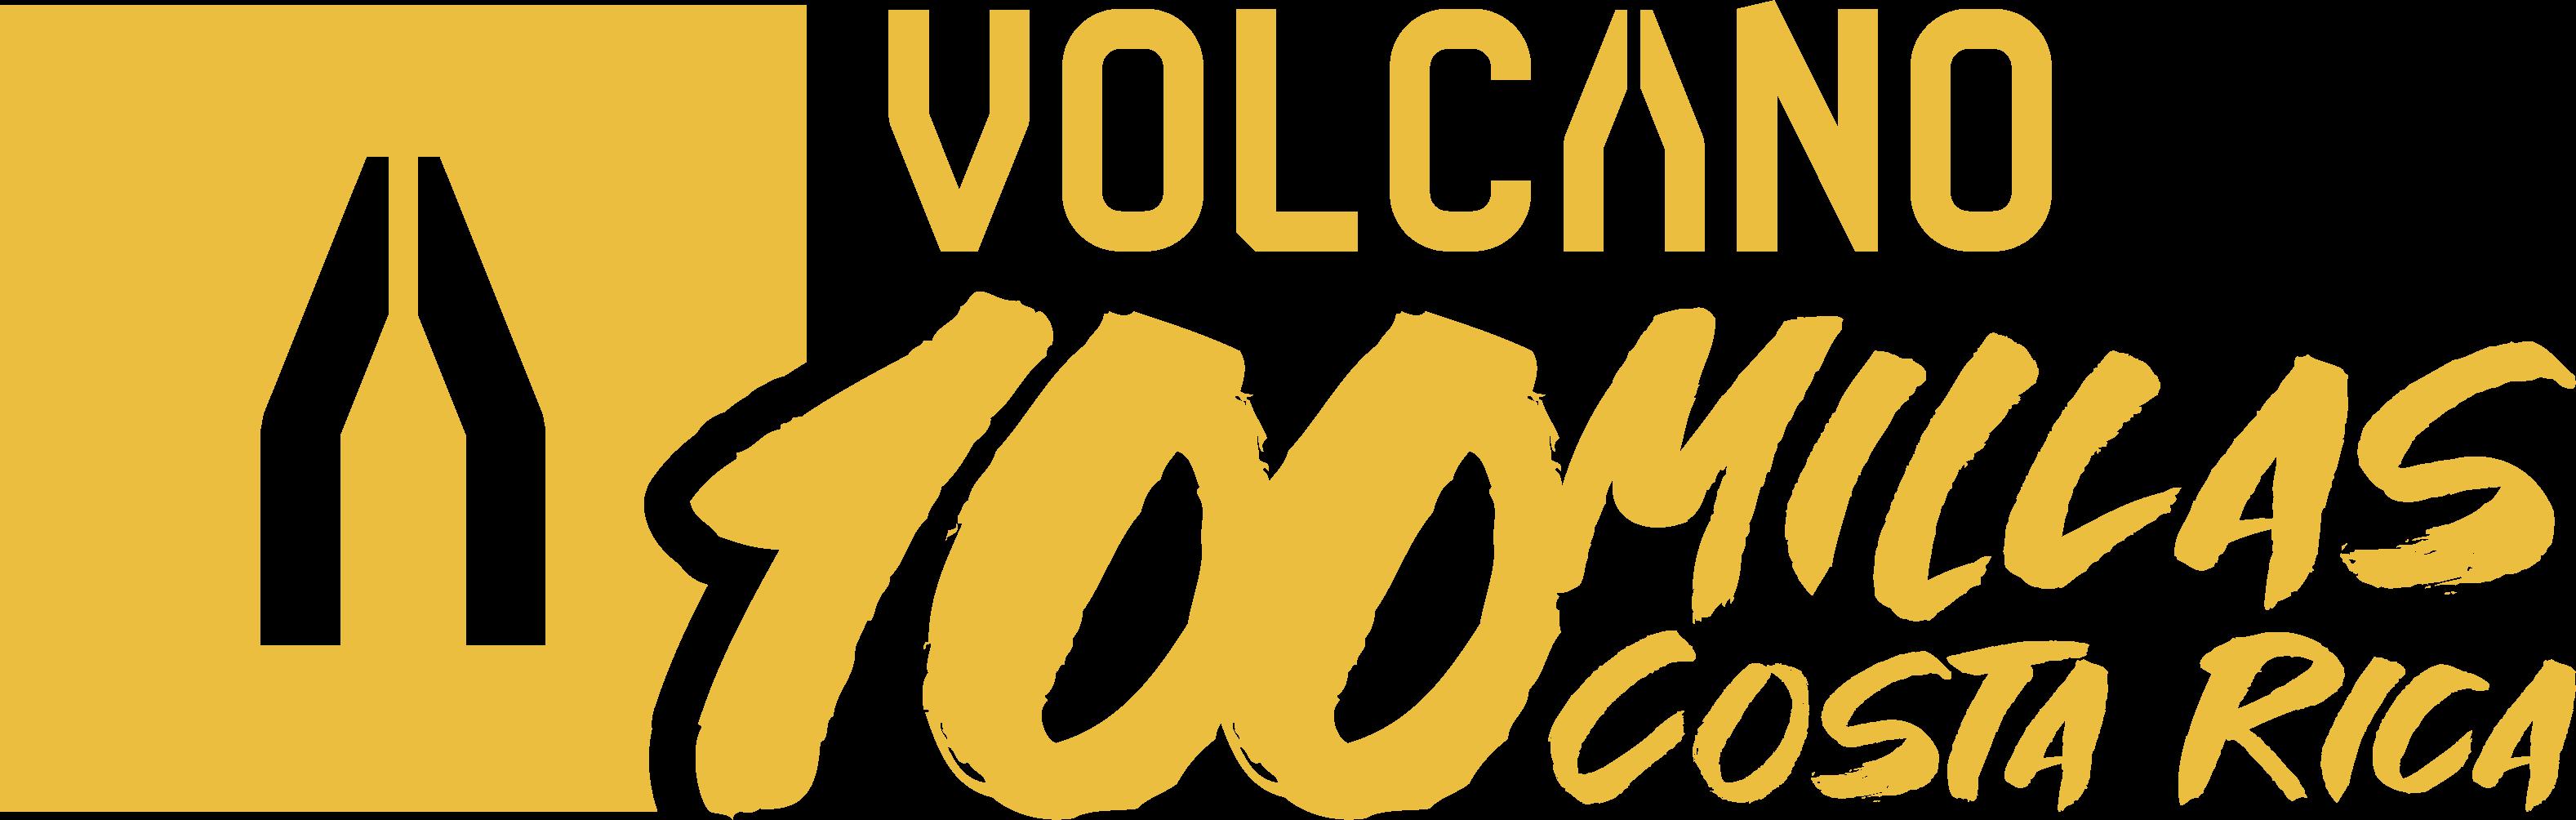 Volcano 100 Millas